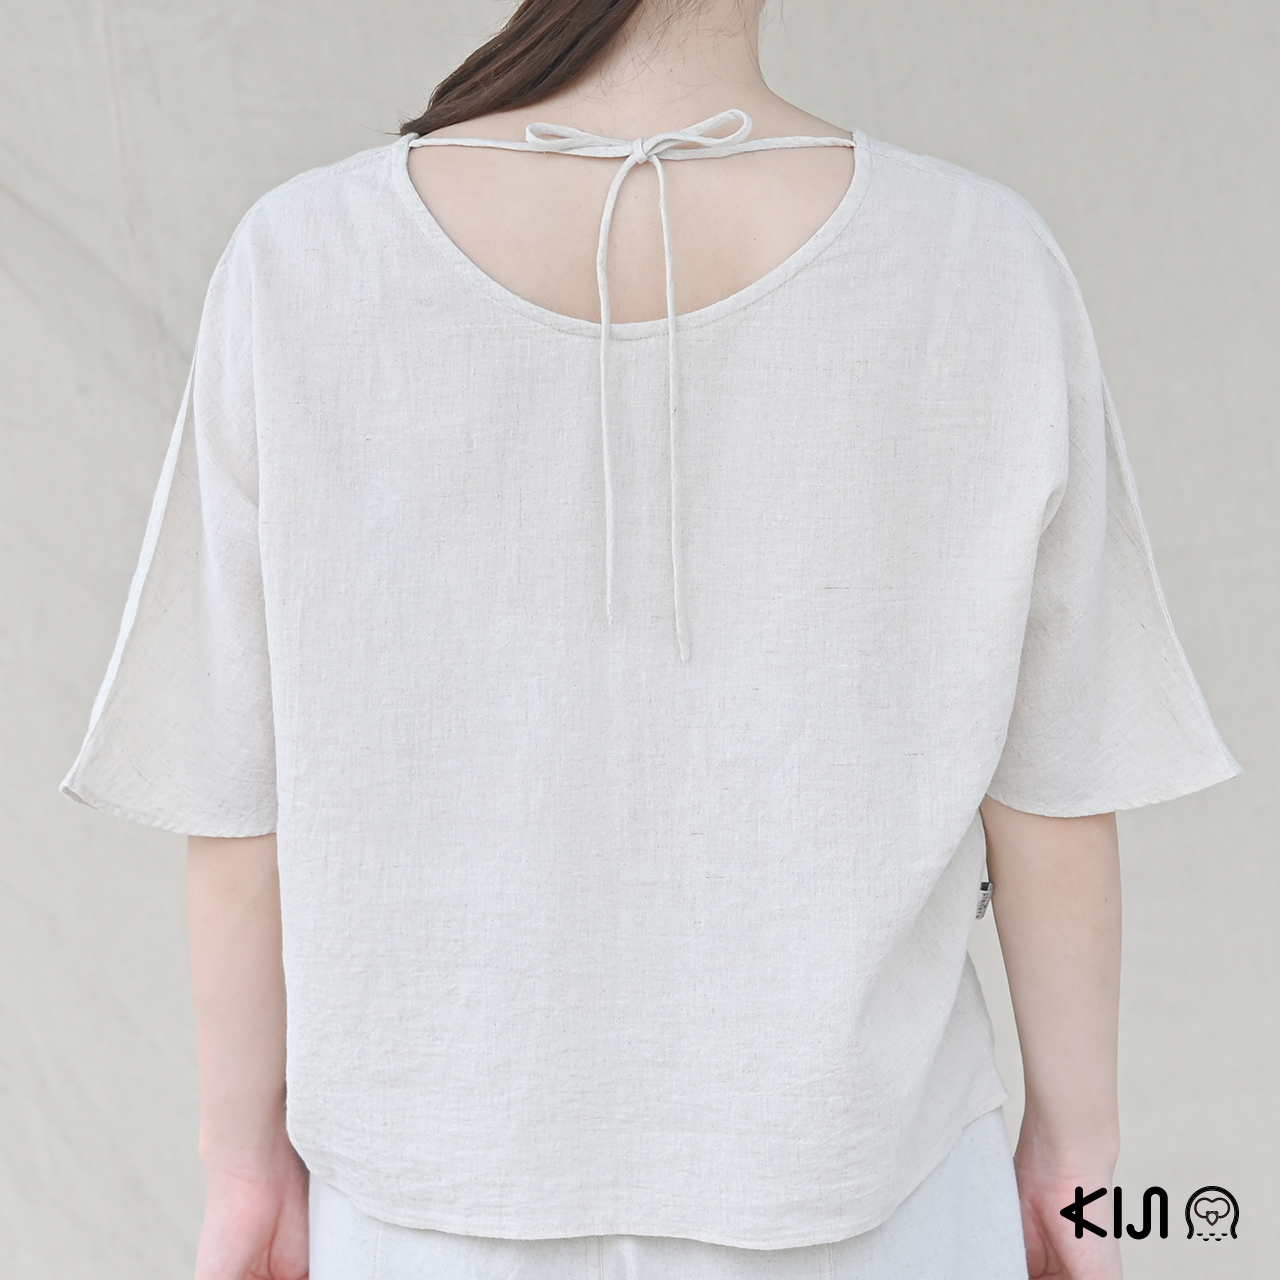 planeta ORGANICA Ribbon Pullover เสื้อสวมหัวแขนสั้นผลิตจากใยกัญชง 100% น้ำหนักเบา สวมใส่สบาย